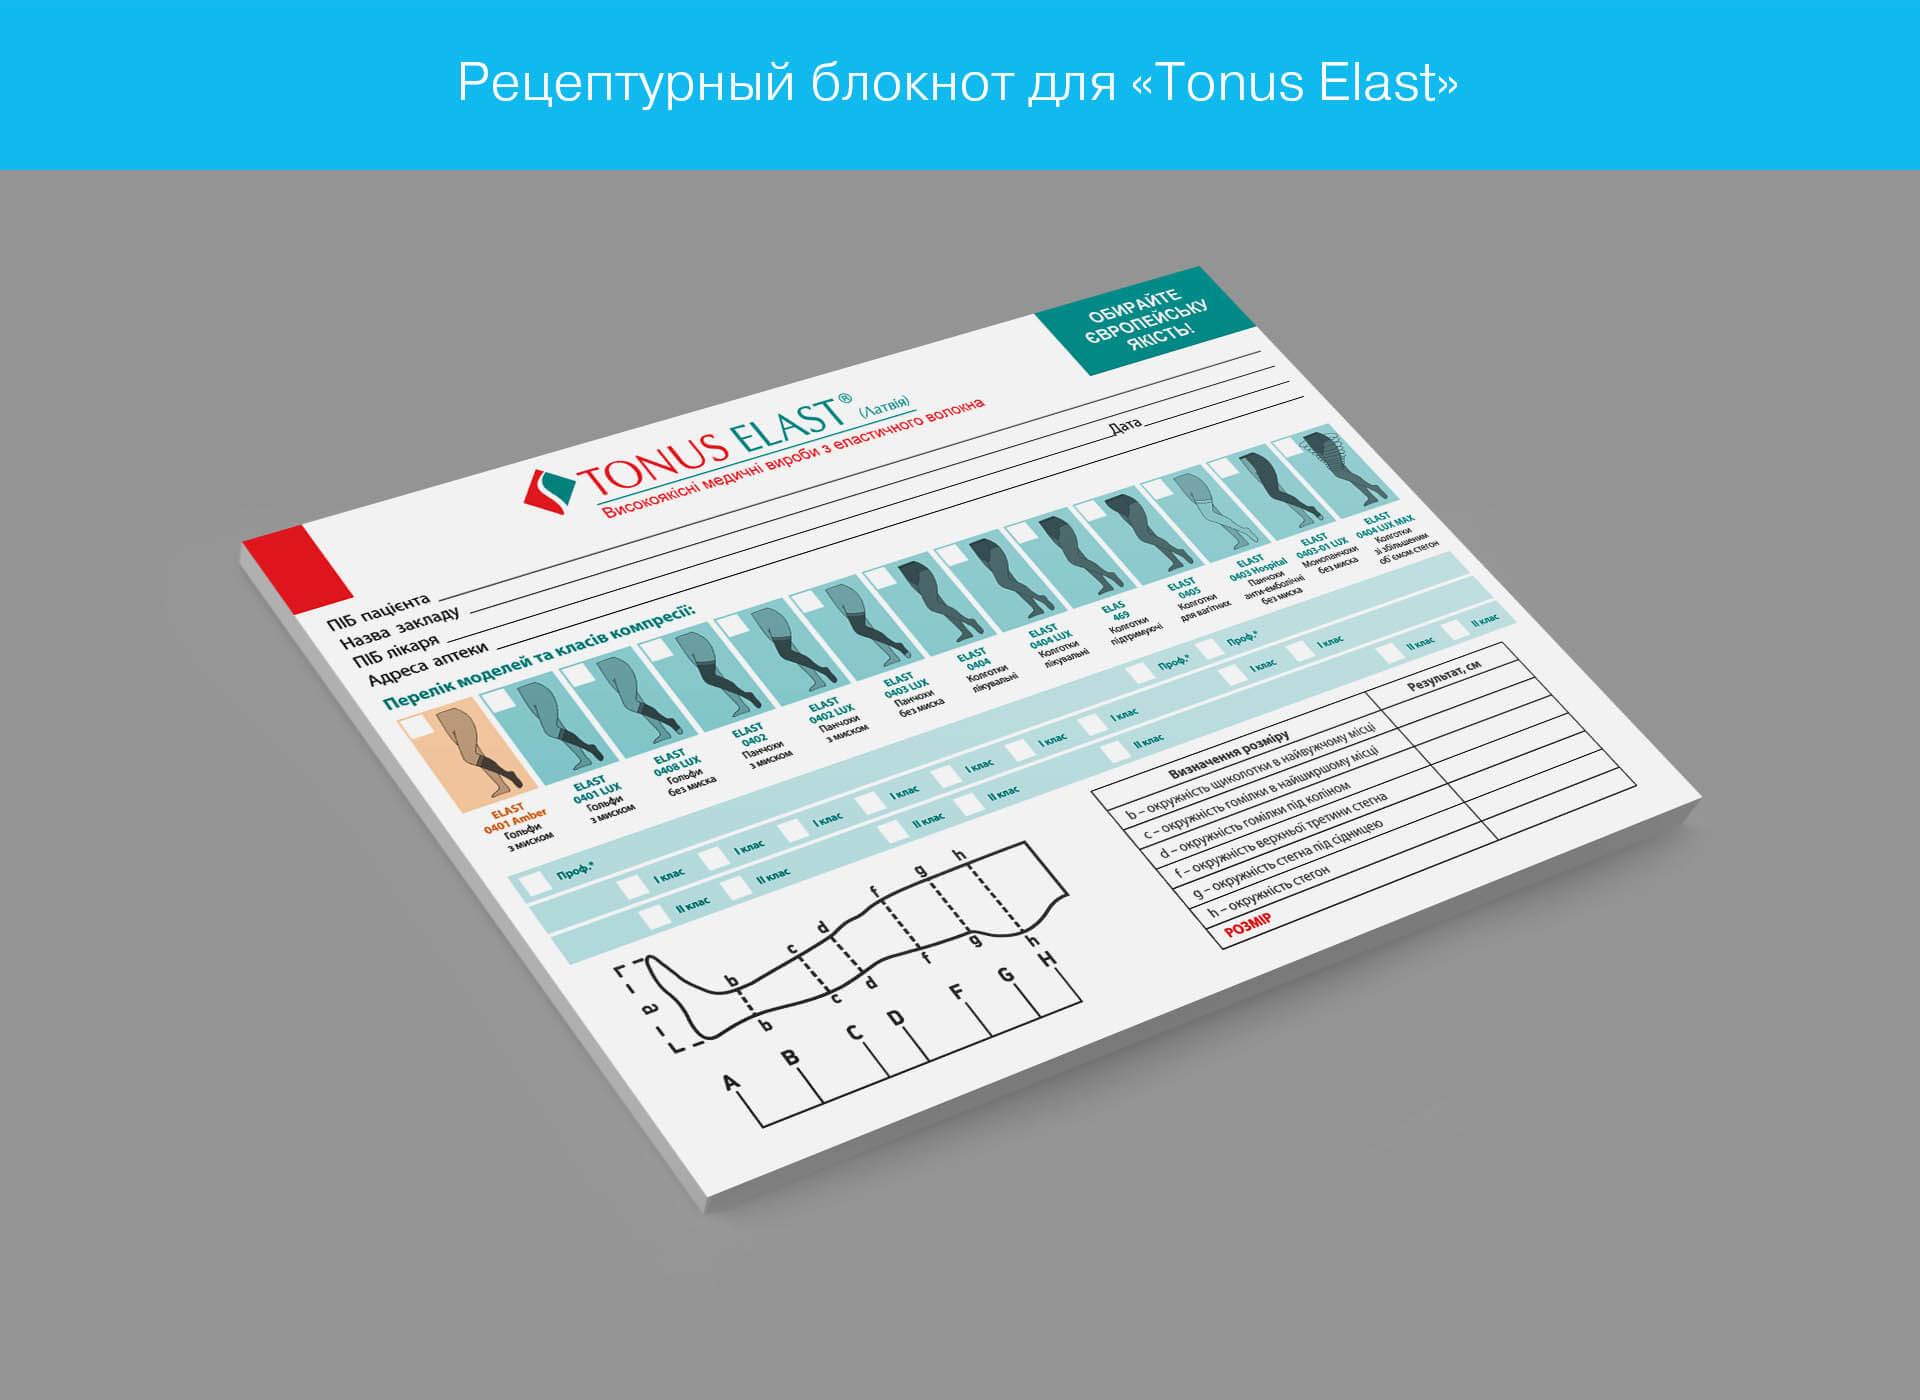 Prokochuk_Irina_tonus_elast_notebook_1